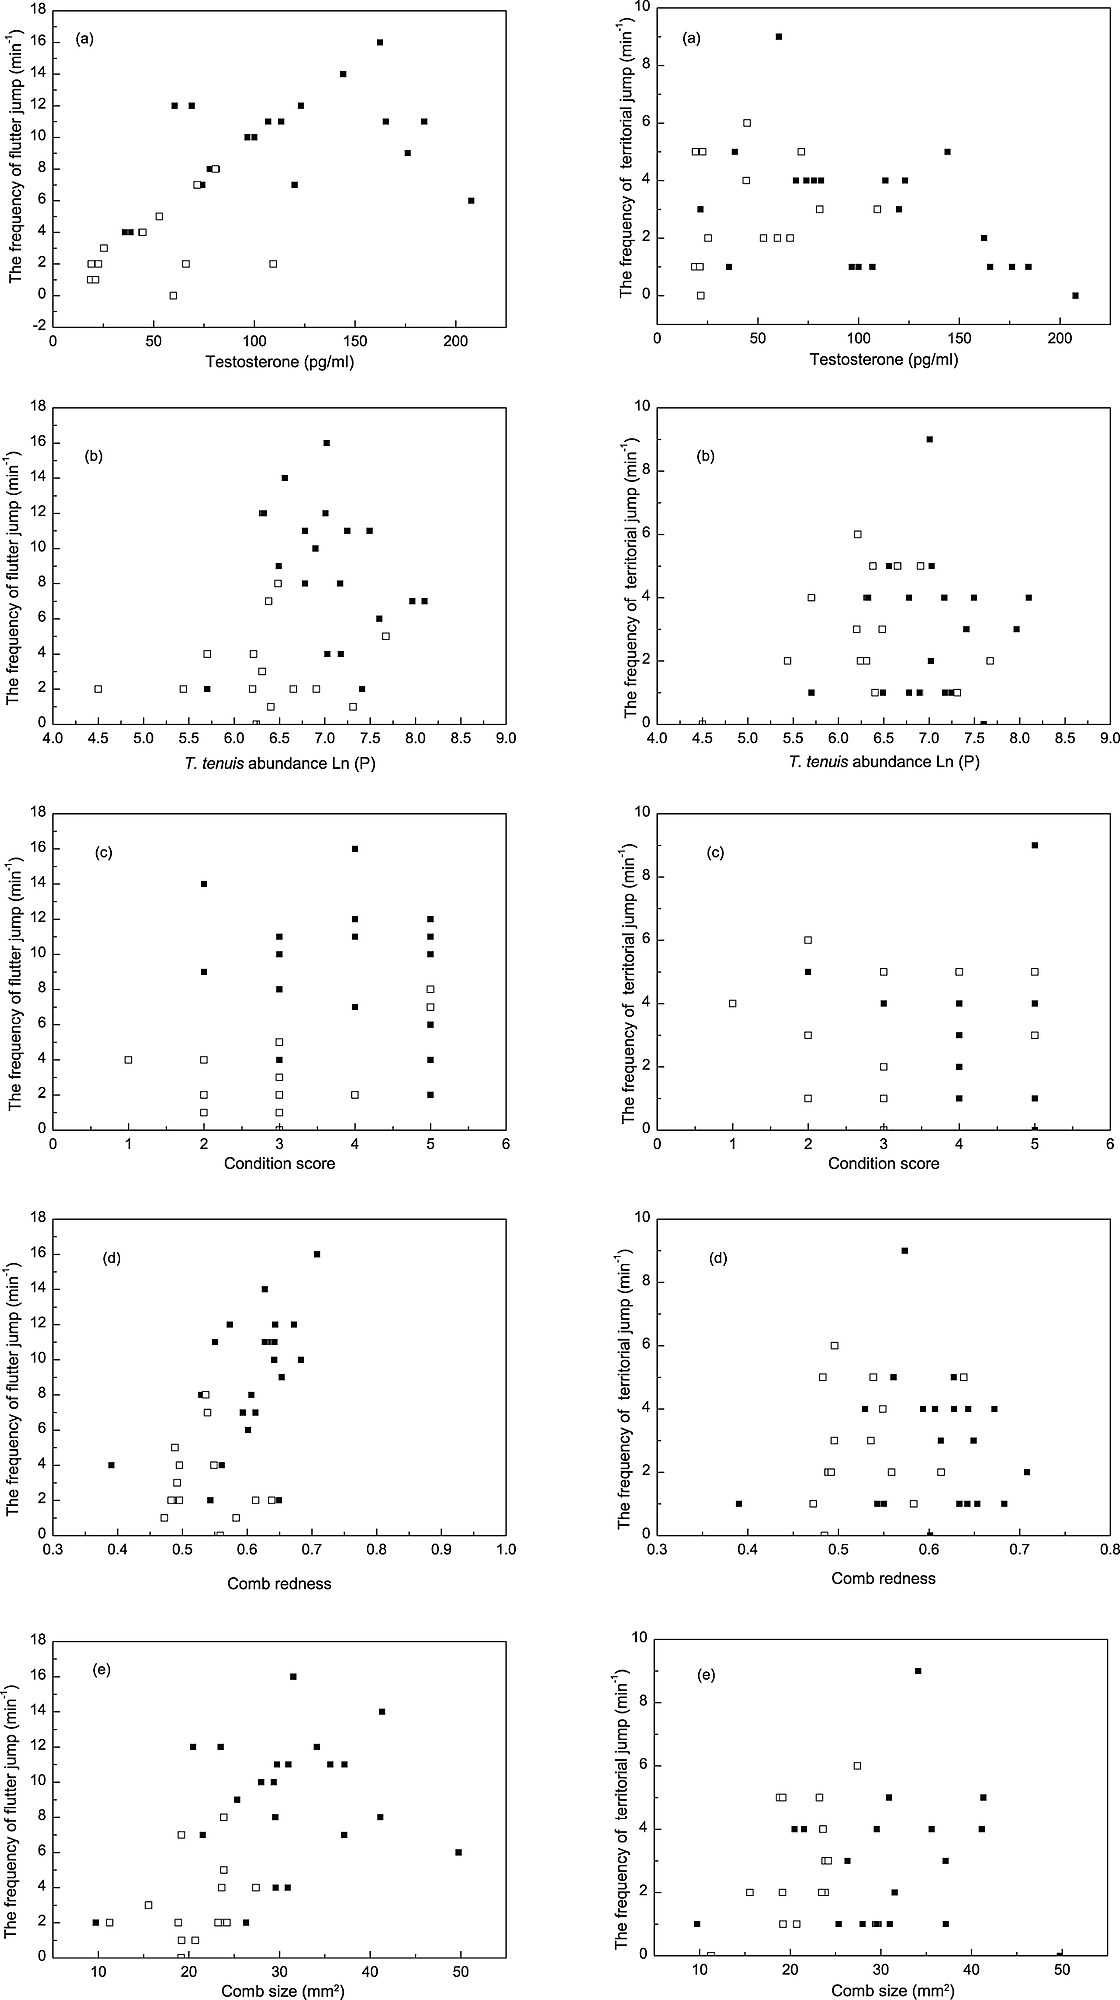 The correlations between territorial behaviors of male